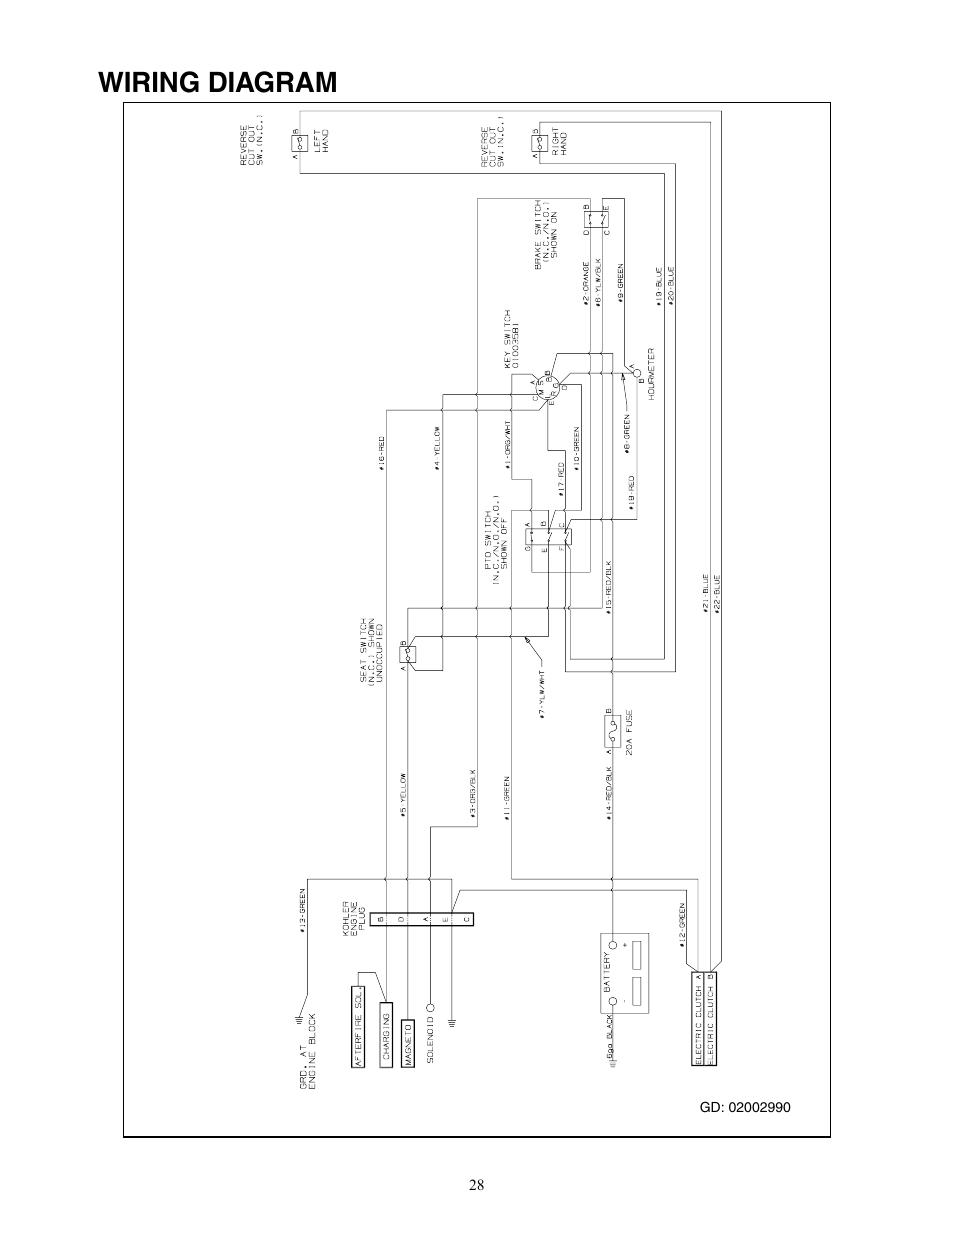 Diagram Cub Cadet Gt 2042 Tractor Wiring Diagram Full Version Hd Quality Wiring Diagram Venndiagramphotoshop Hoplites Ambiani Fr